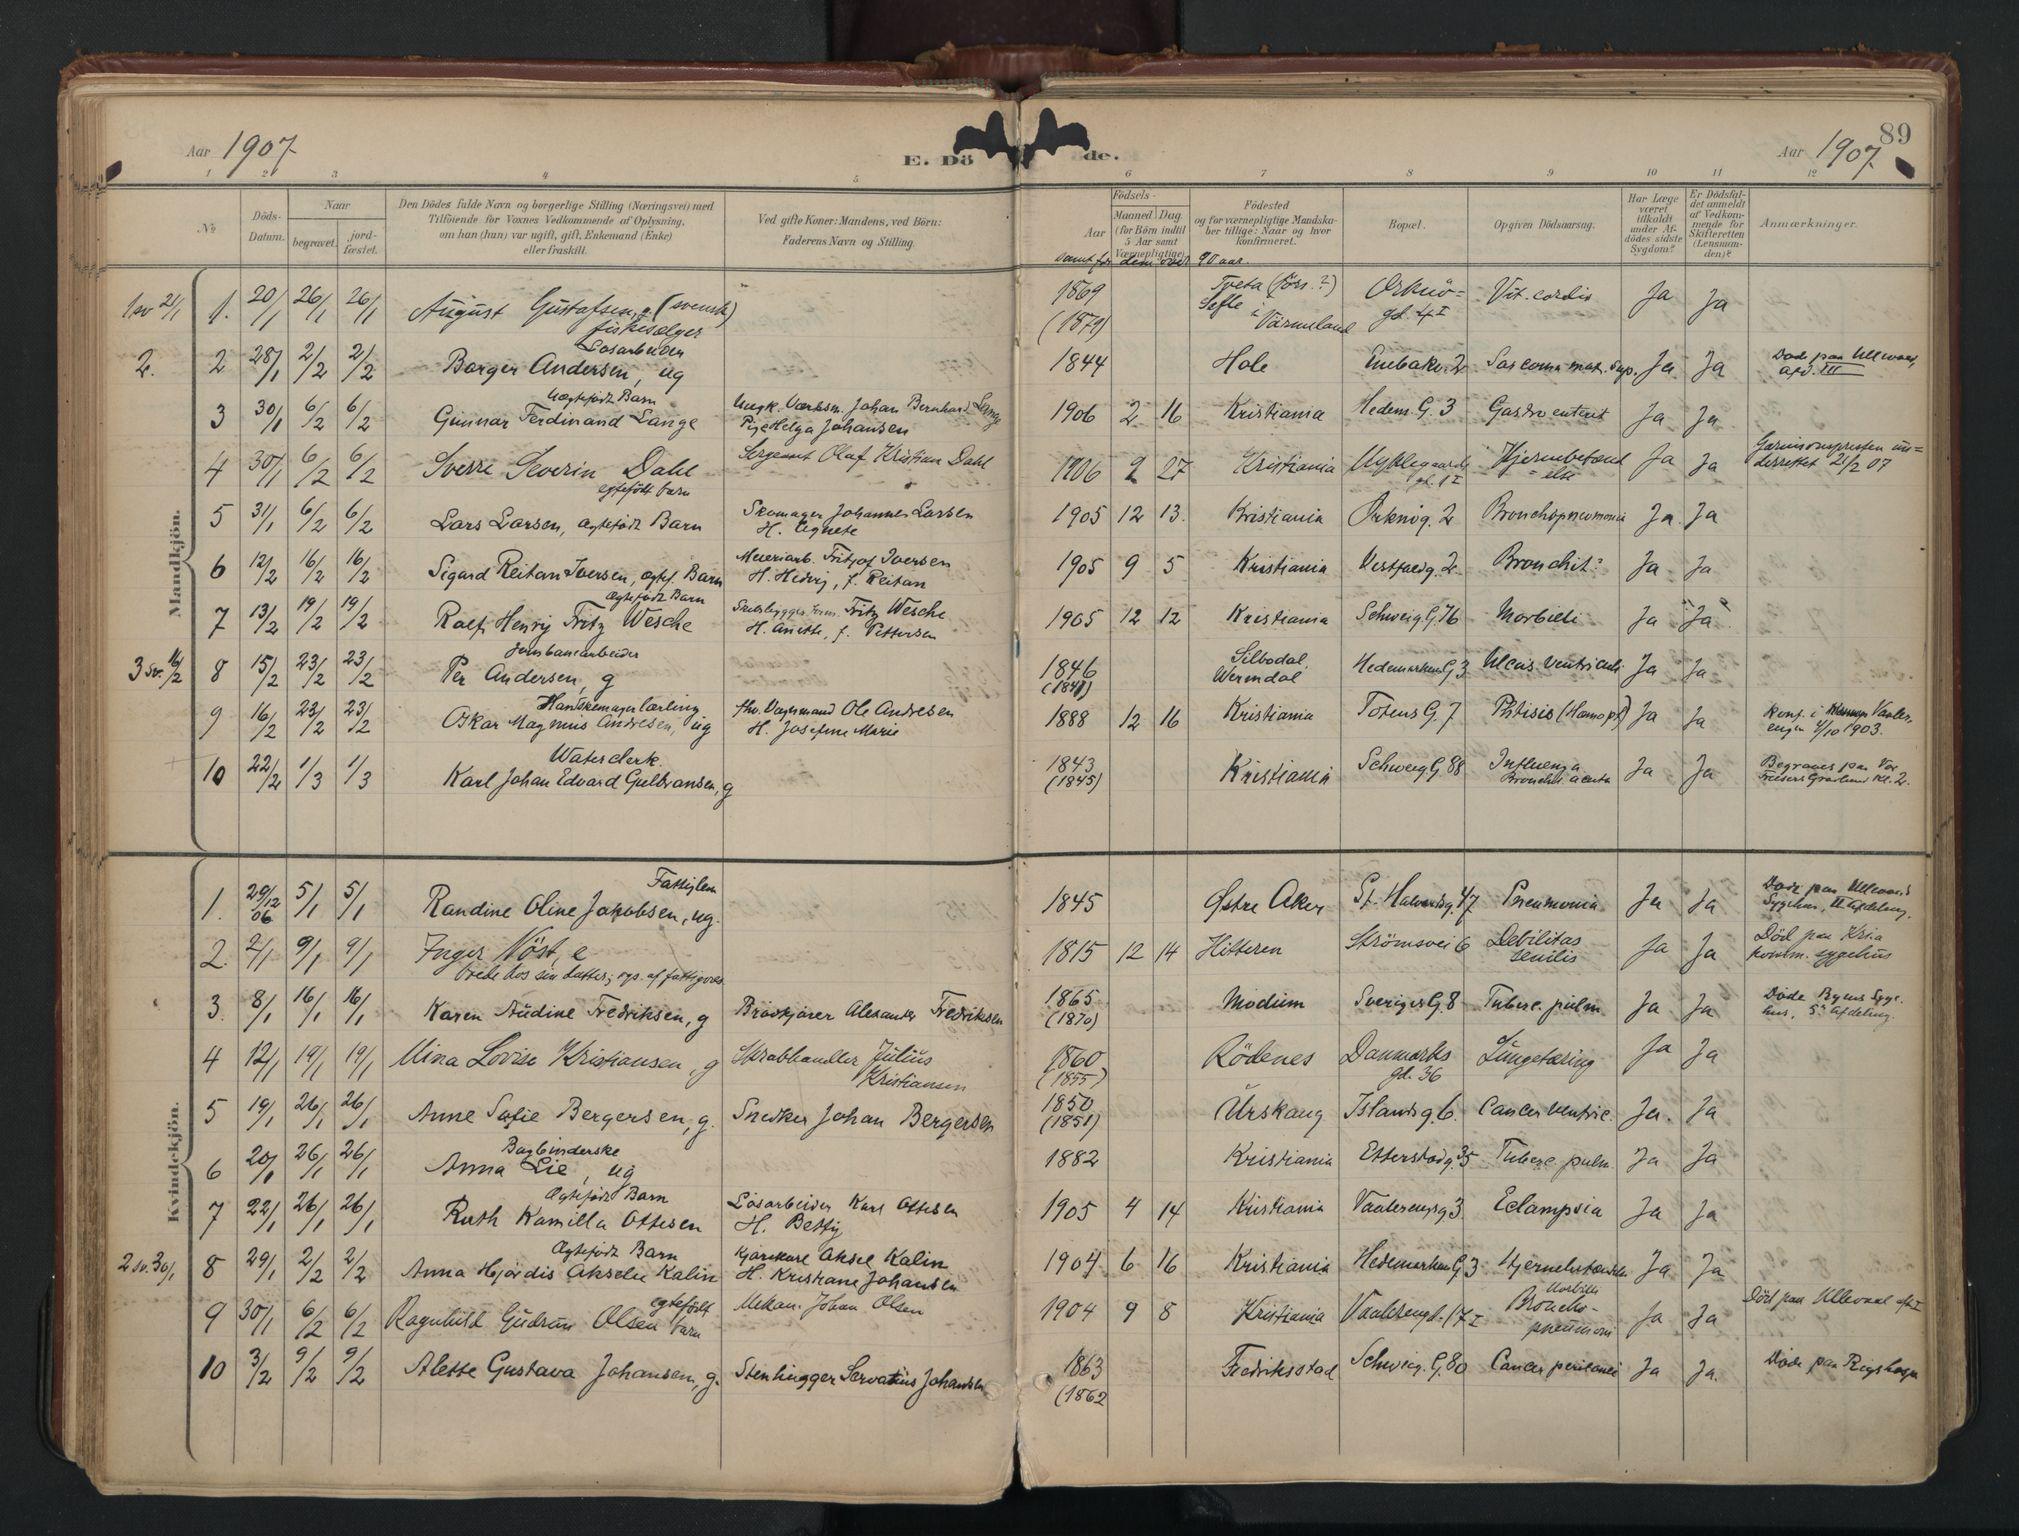 SAO, Vålerengen prestekontor Kirkebøker, F/Fa/L0003: Ministerialbok nr. 3, 1899-1930, s. 89